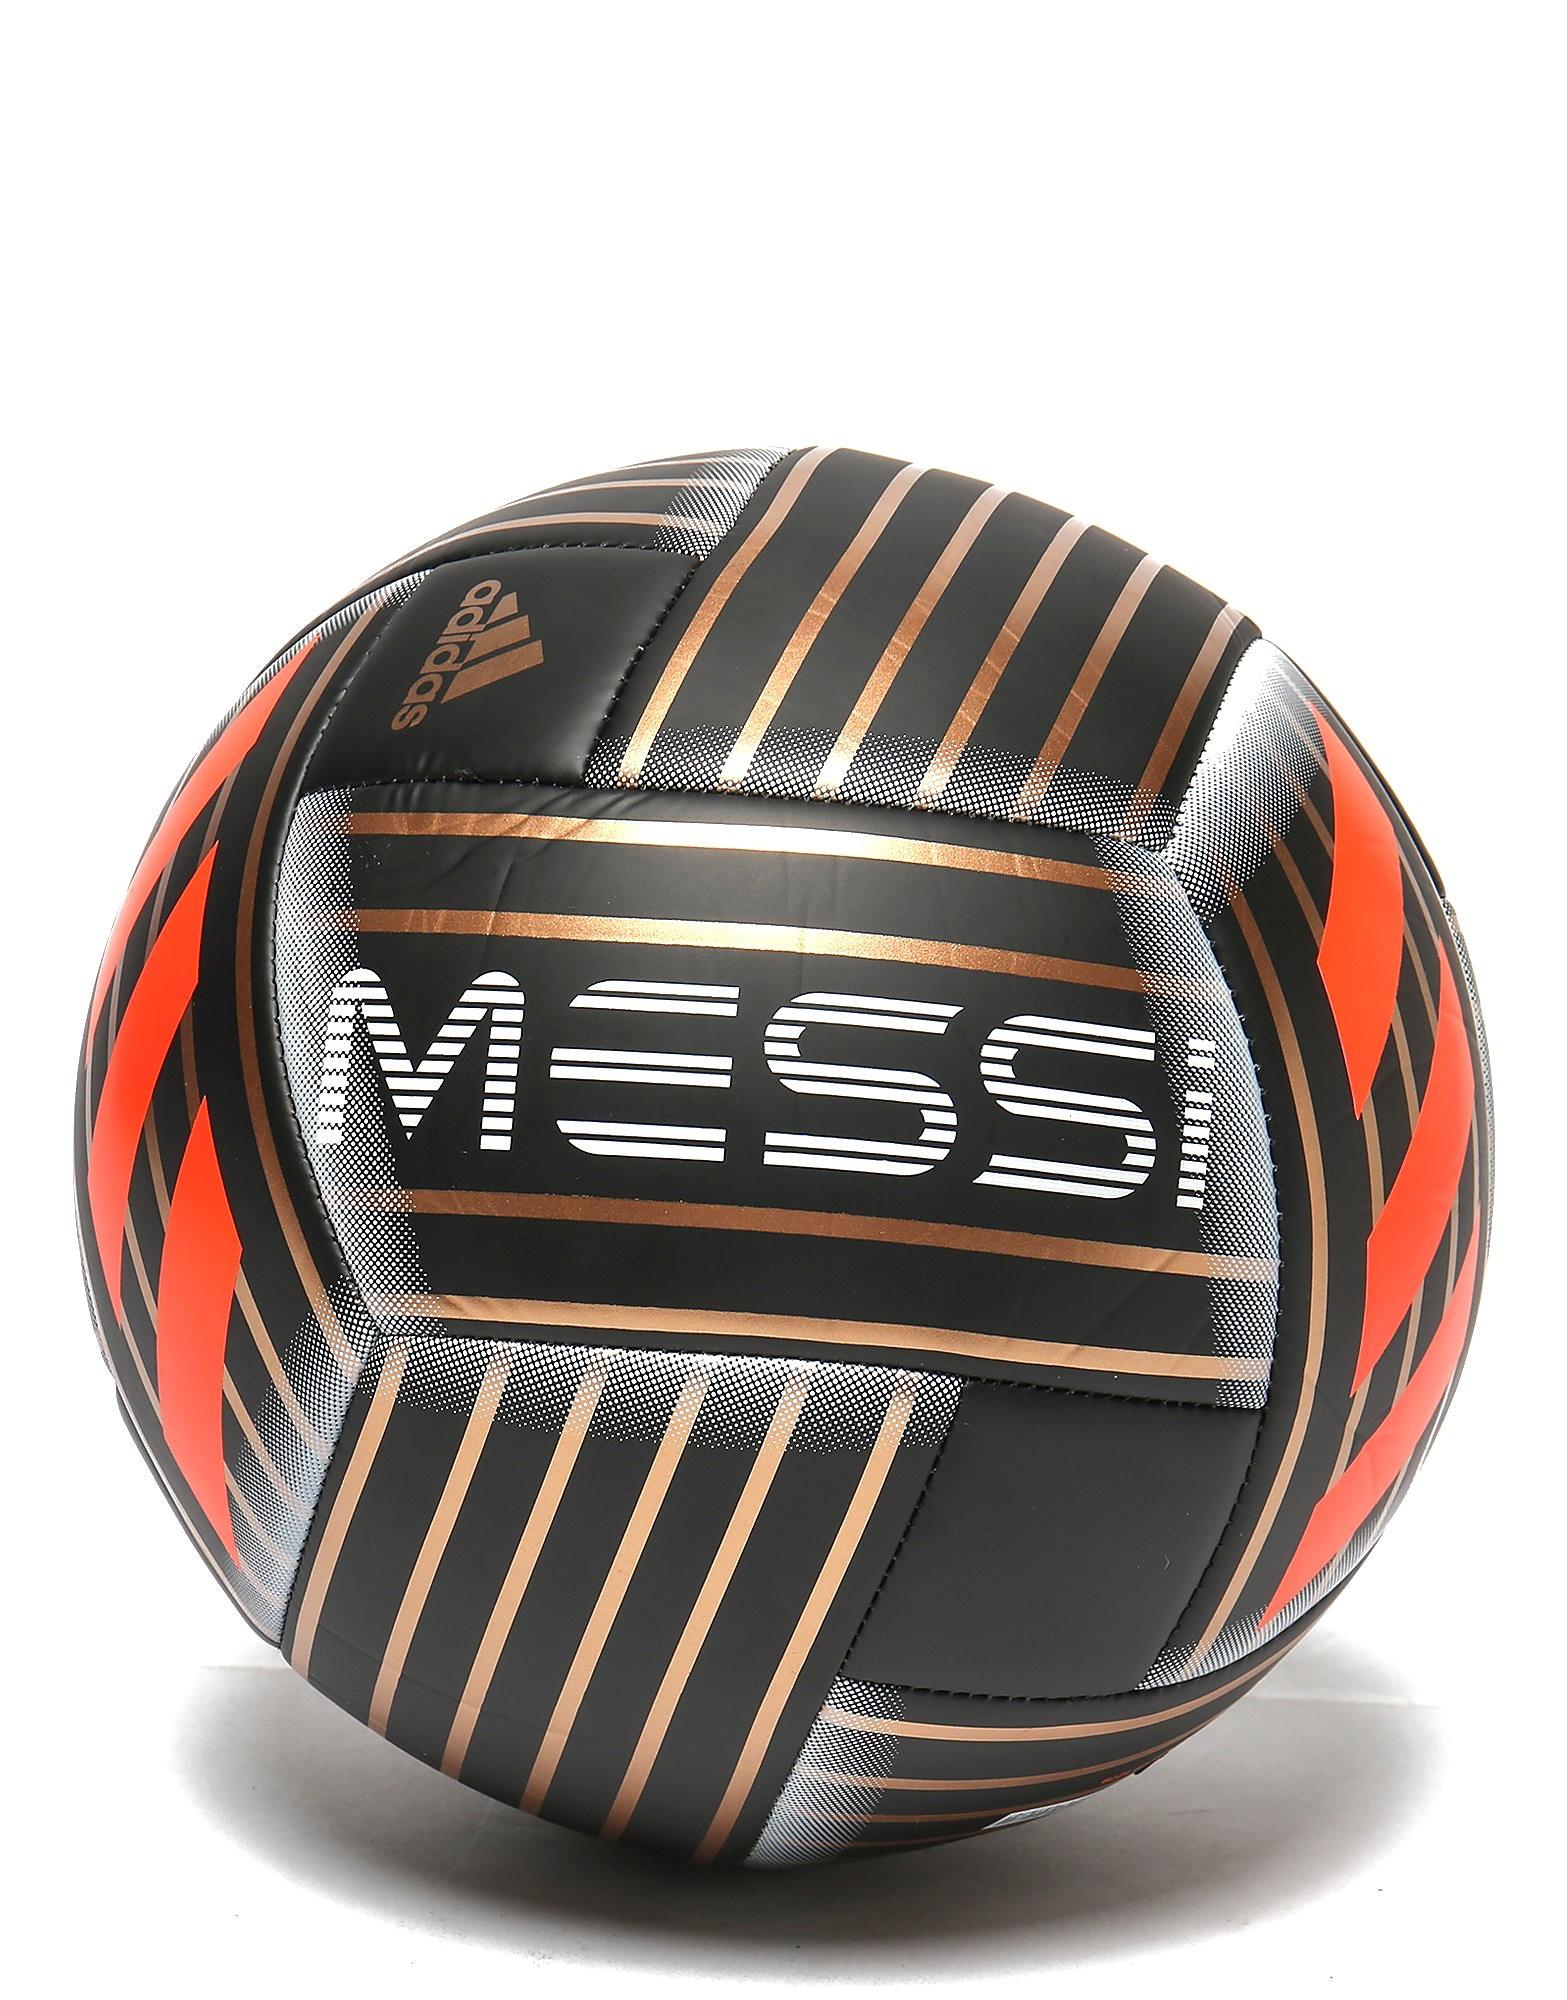 adidas balón de fútbol Messi 10 Glider